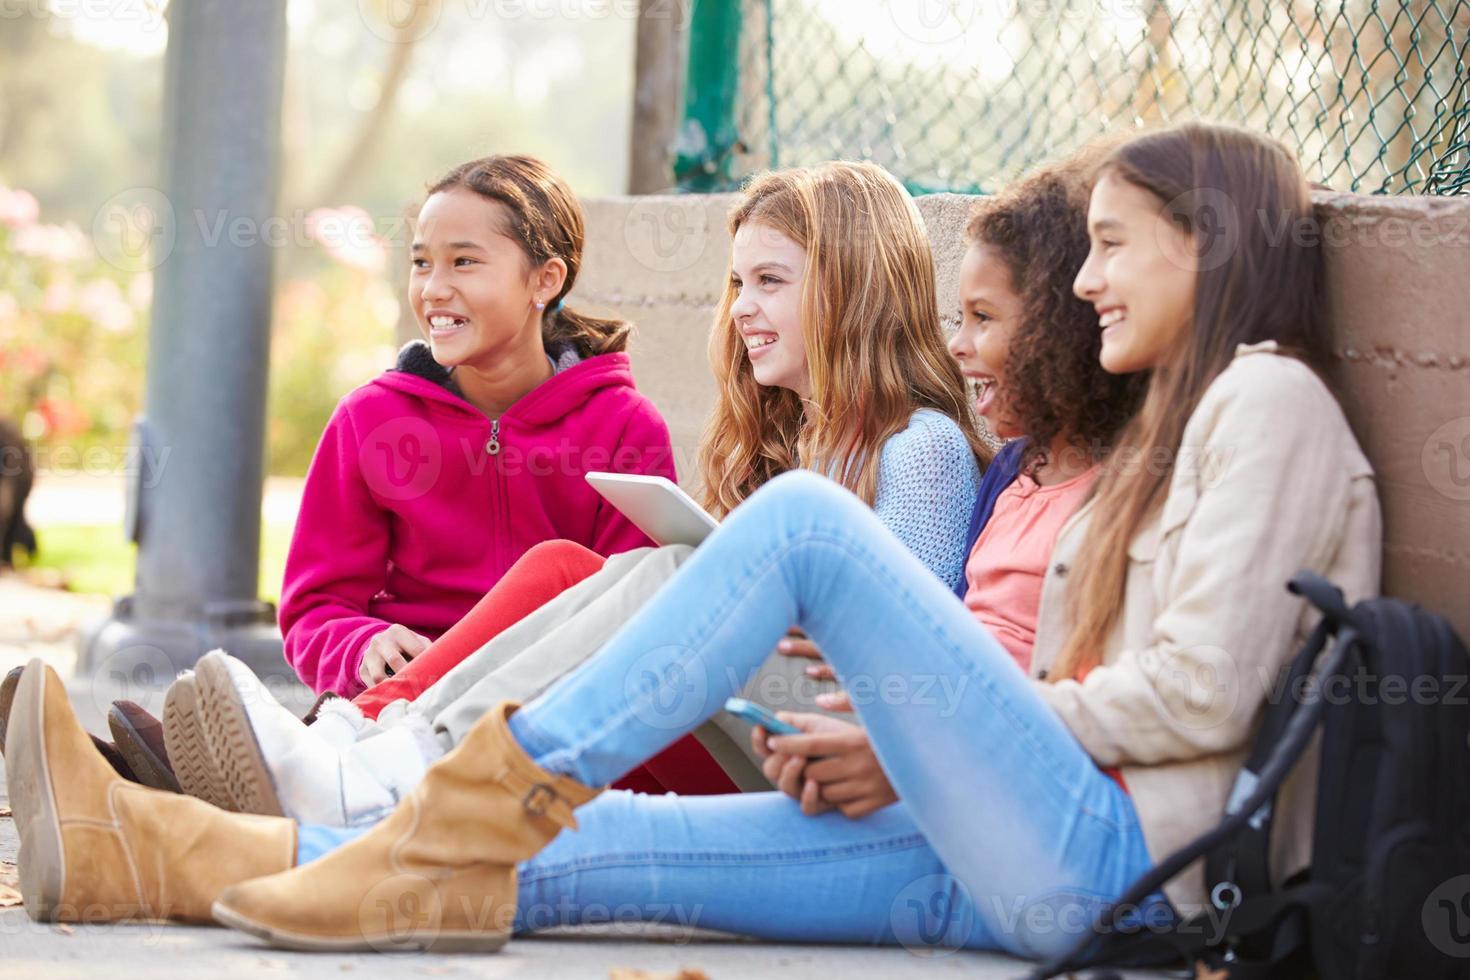 junge Mädchen mit digitalen Tablets und Handys im Park foto